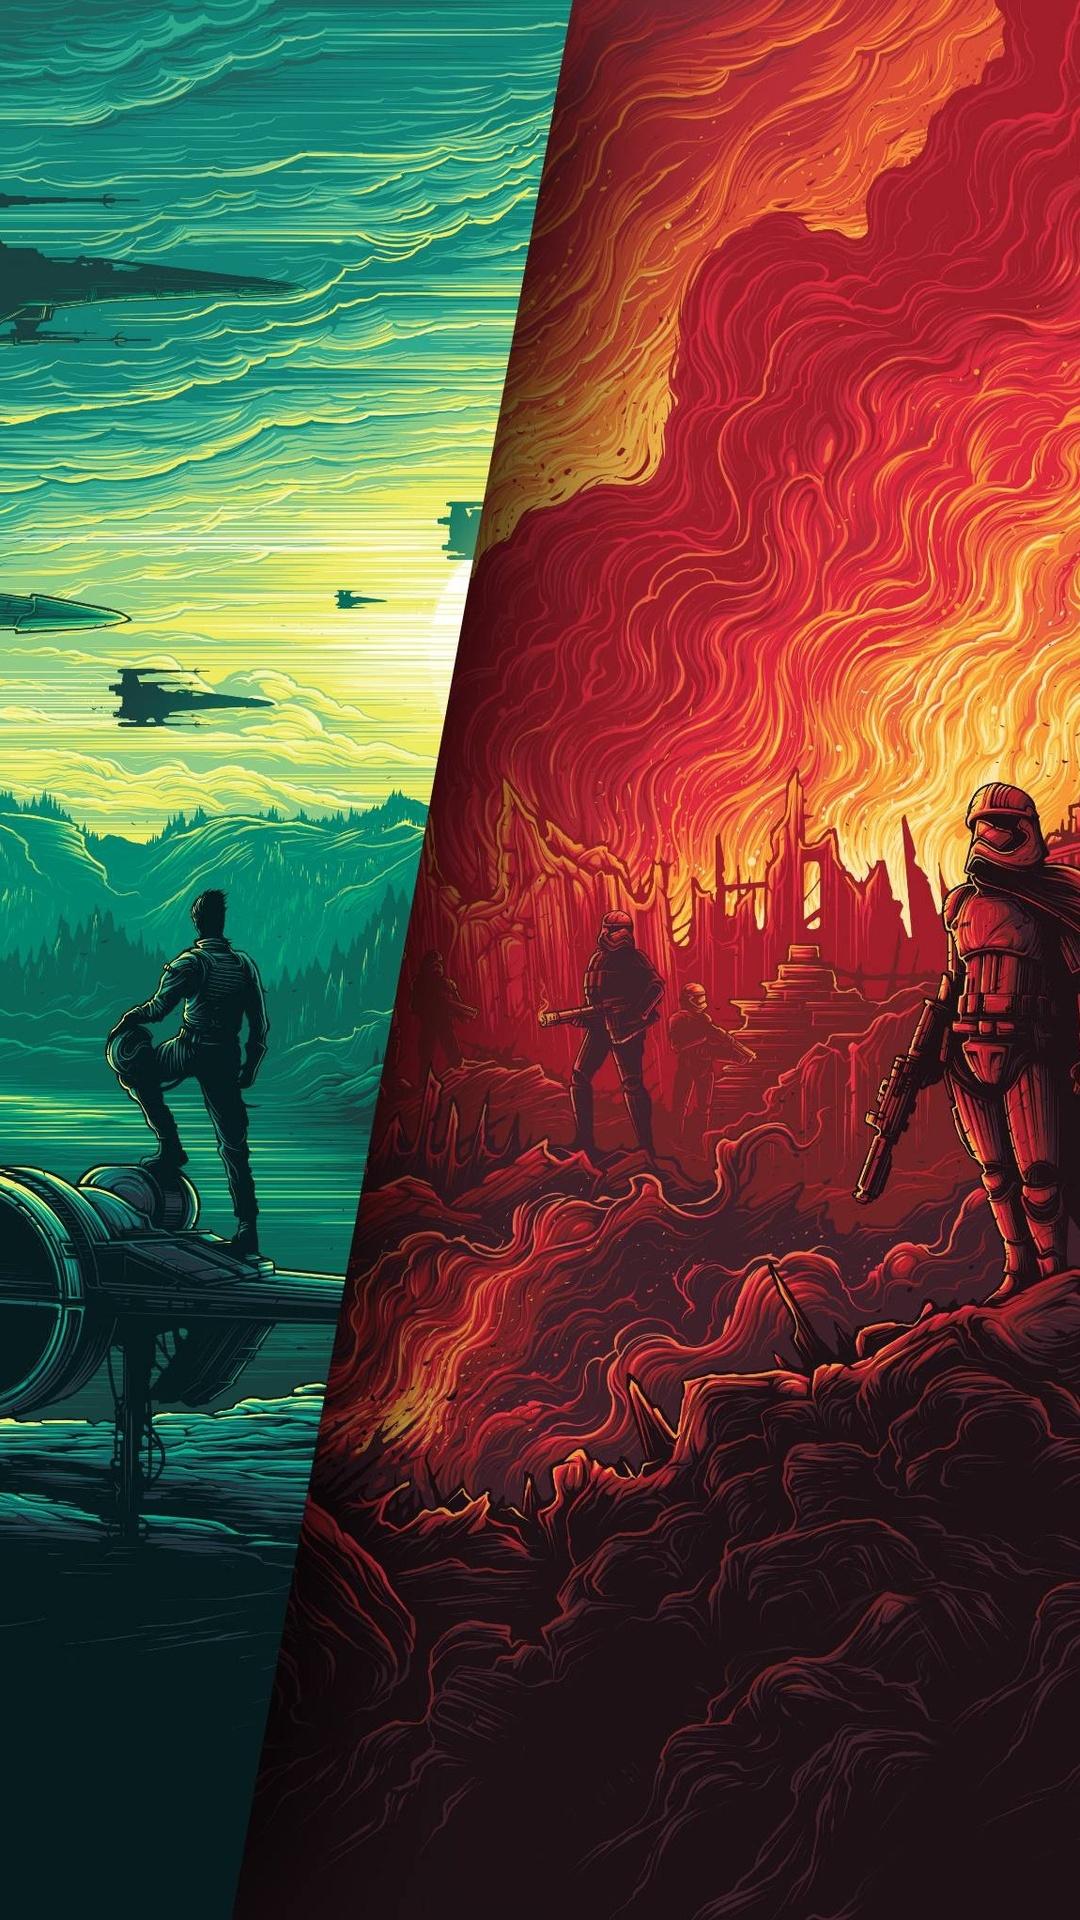 Star wars movie 4 download - www dwuheiszylgc ml